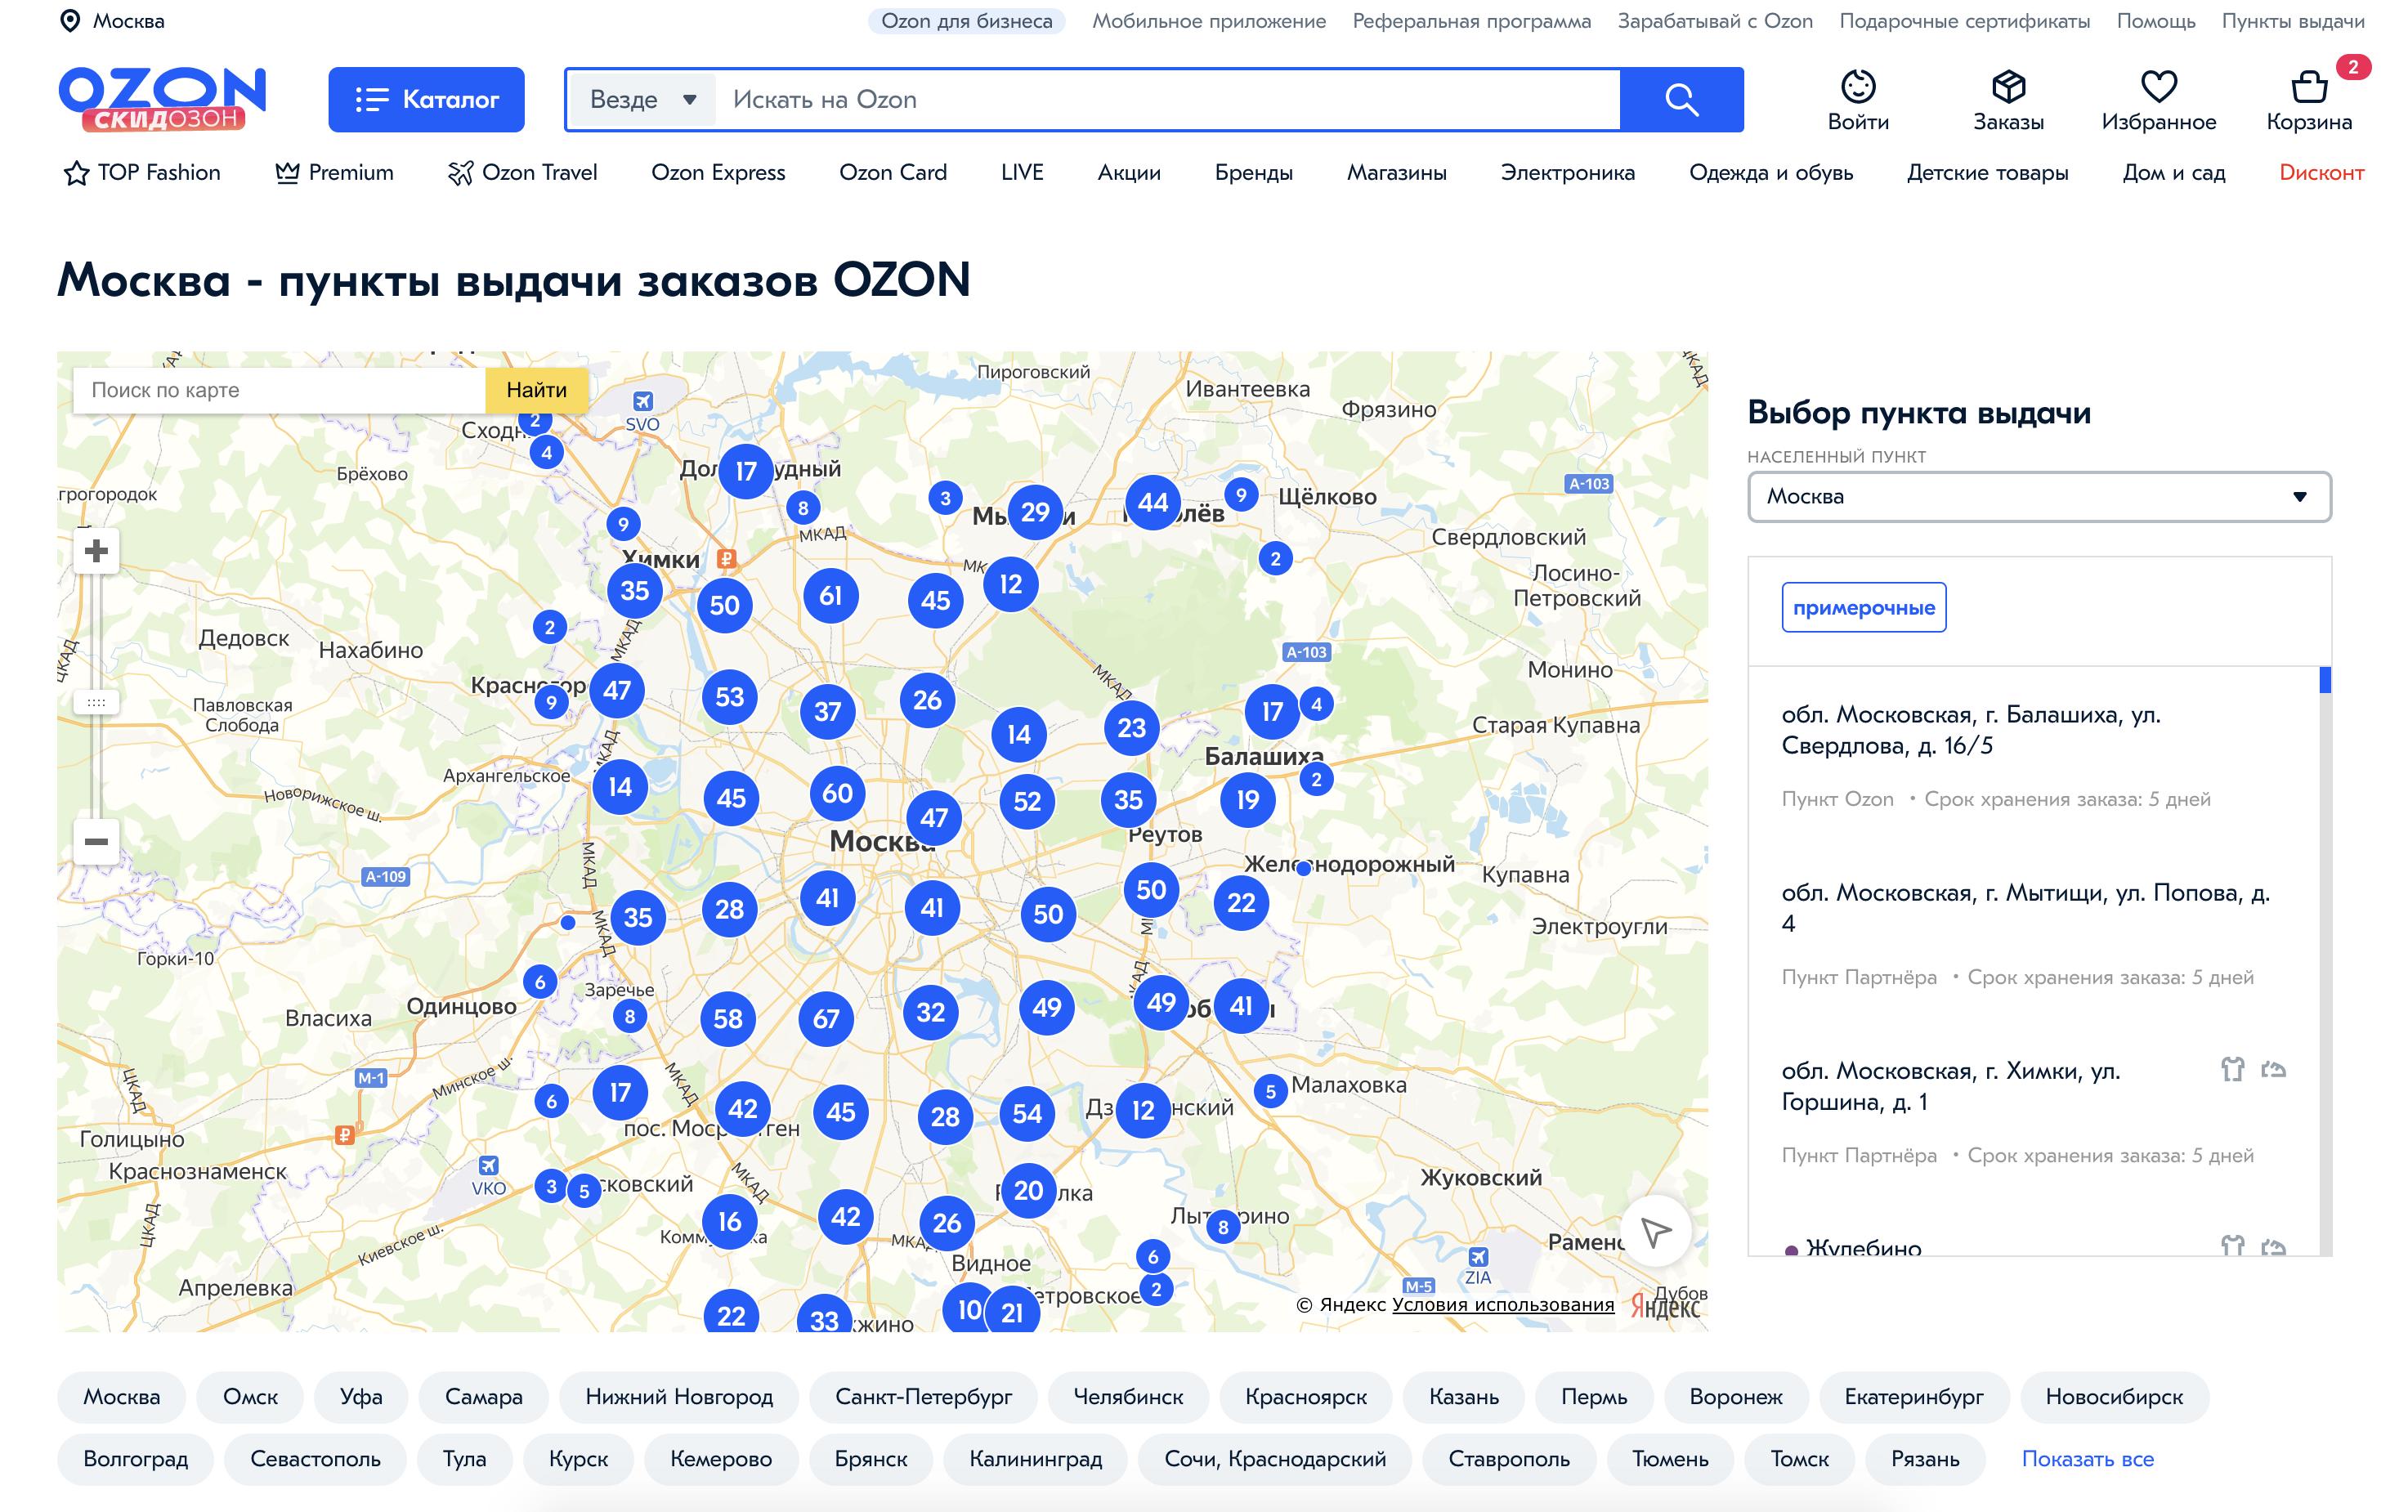 Как работают пункты выдачи заказов Ozon